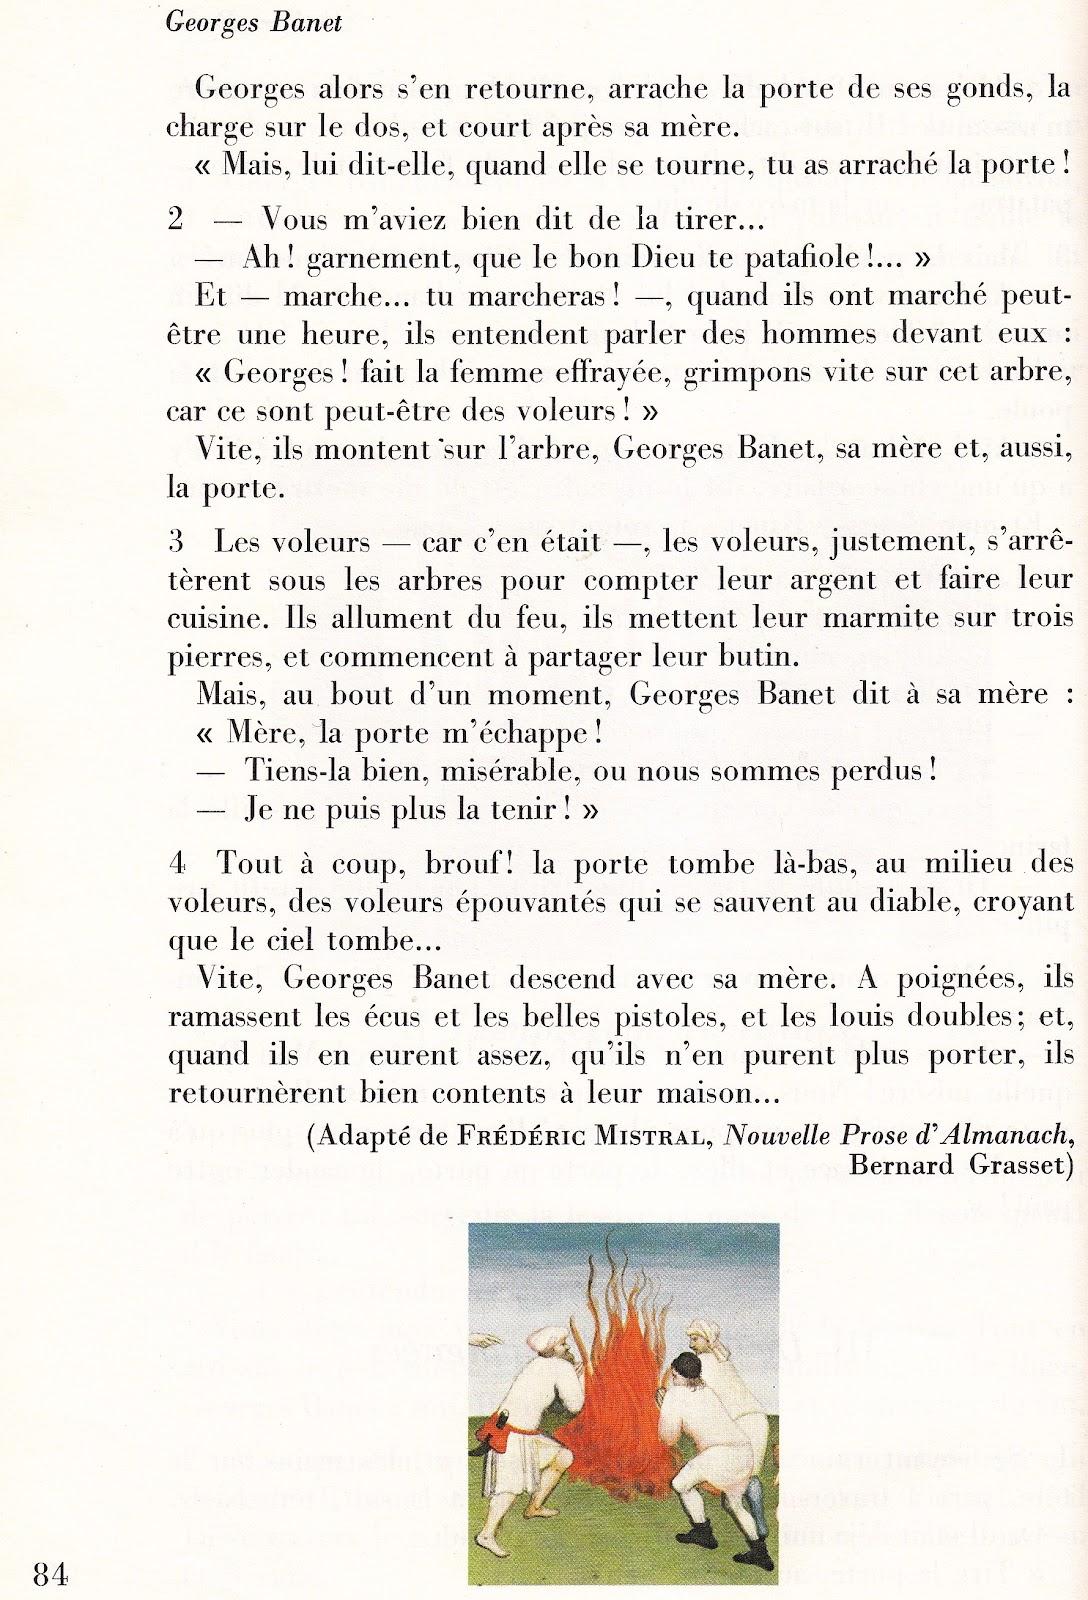 Les Manuels De Lecture LOiseau Lyre Ne Contiennent Que Des Textes Questions Comprhension Se Trouvent Dans Cahiers